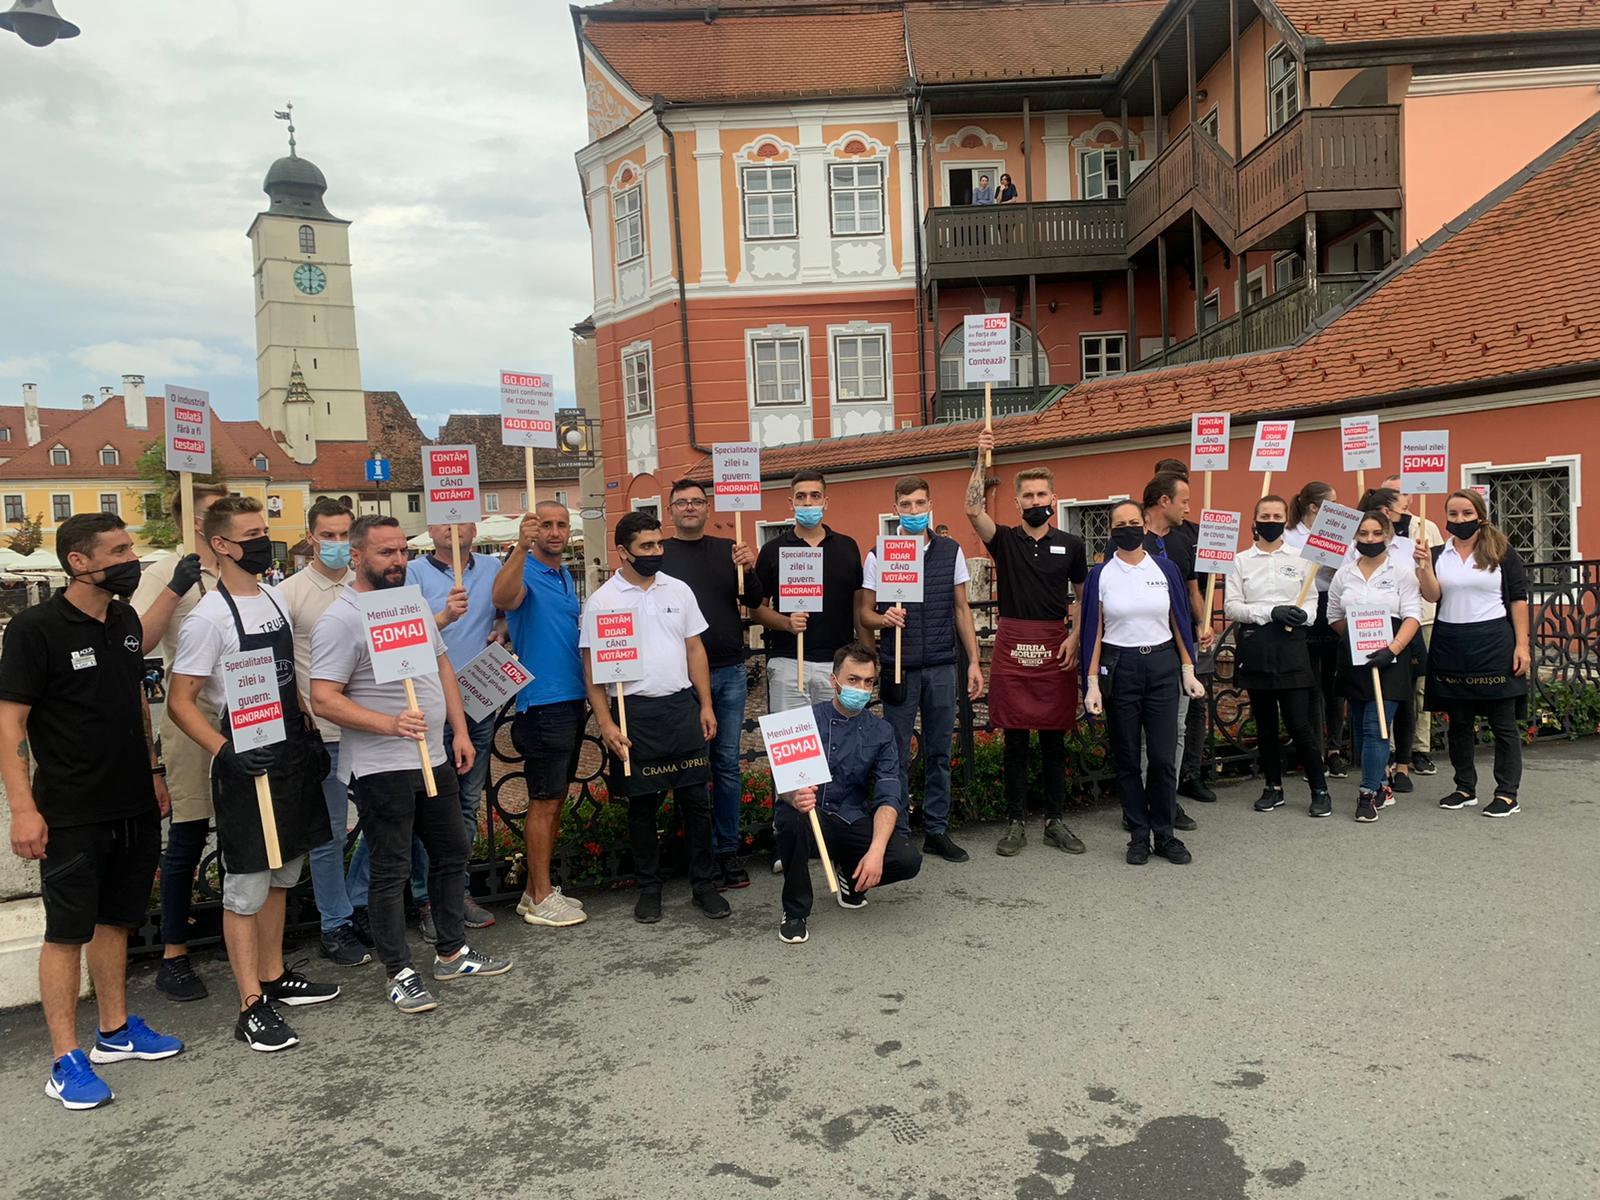 Iohannis, despre redeschiderea restaurantelor: Până nu ajungem la un număr mic de cazuri, nu se vor lua măsuri de relaxare